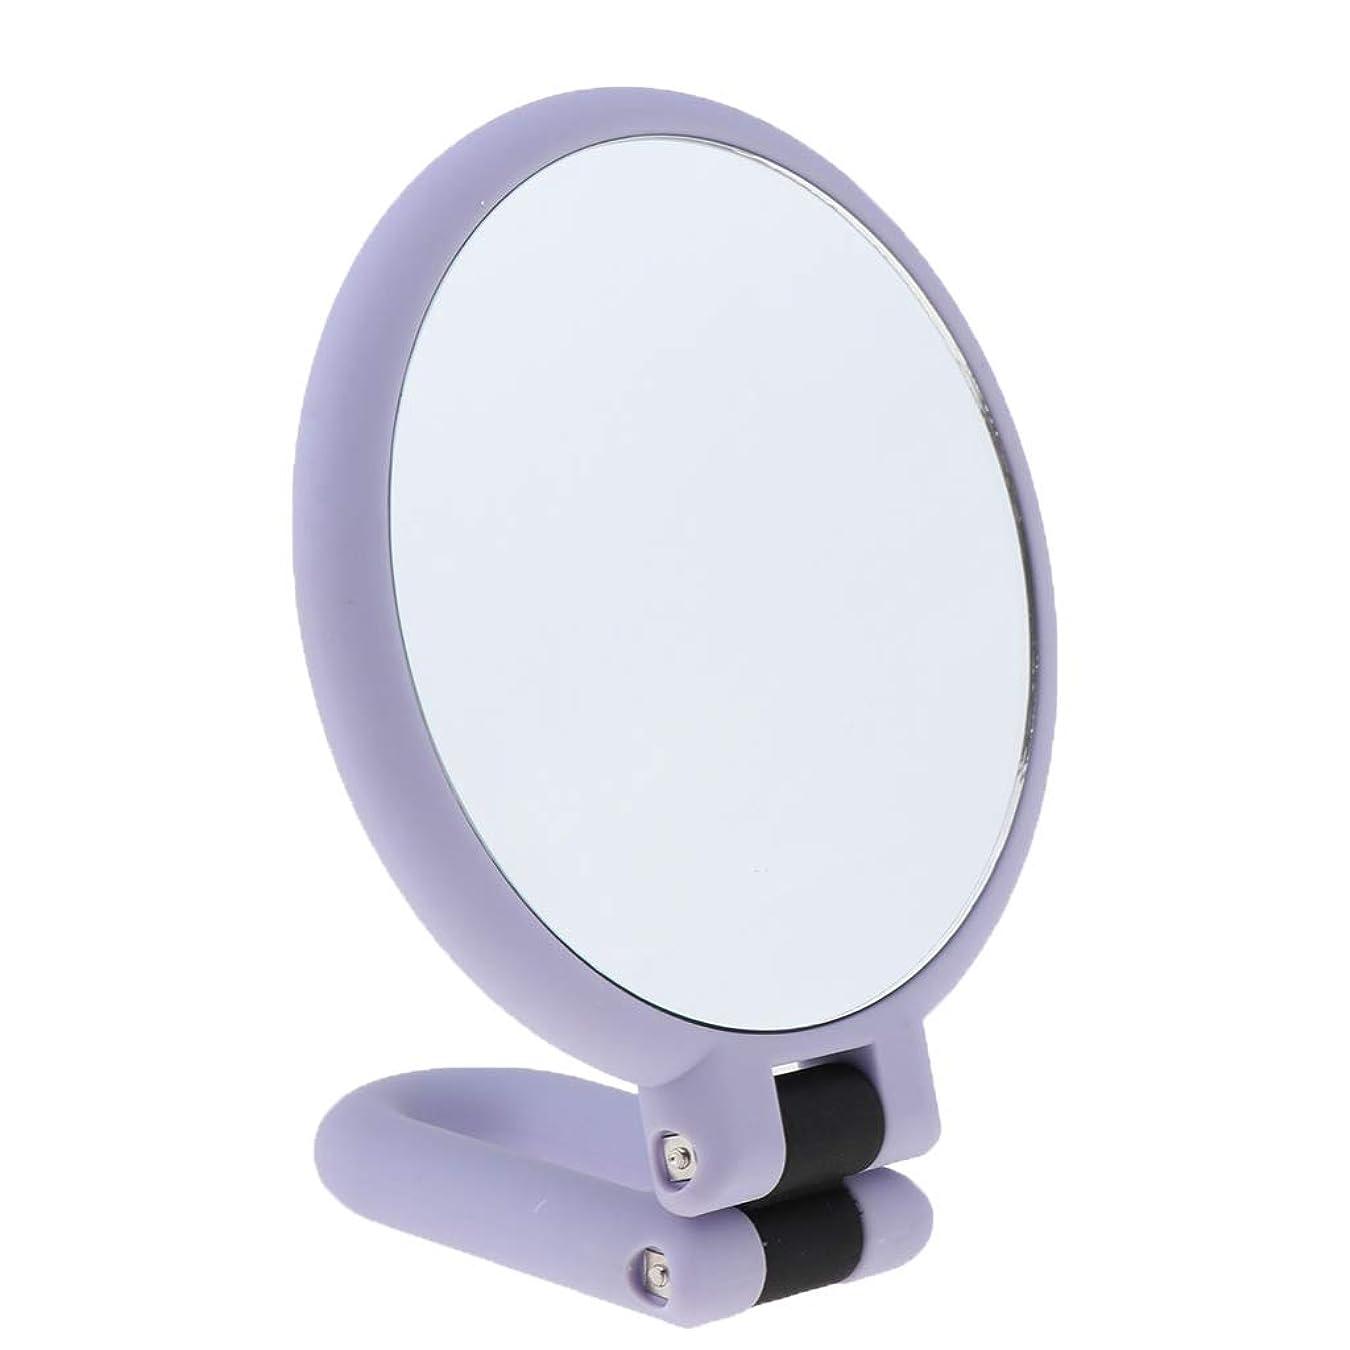 行くアクチュエータ昨日F Fityle 全3サイズ 化粧ミラー メイクミラー 折りたたみ 拡大鏡 化粧鏡 - 15倍の拡大鏡